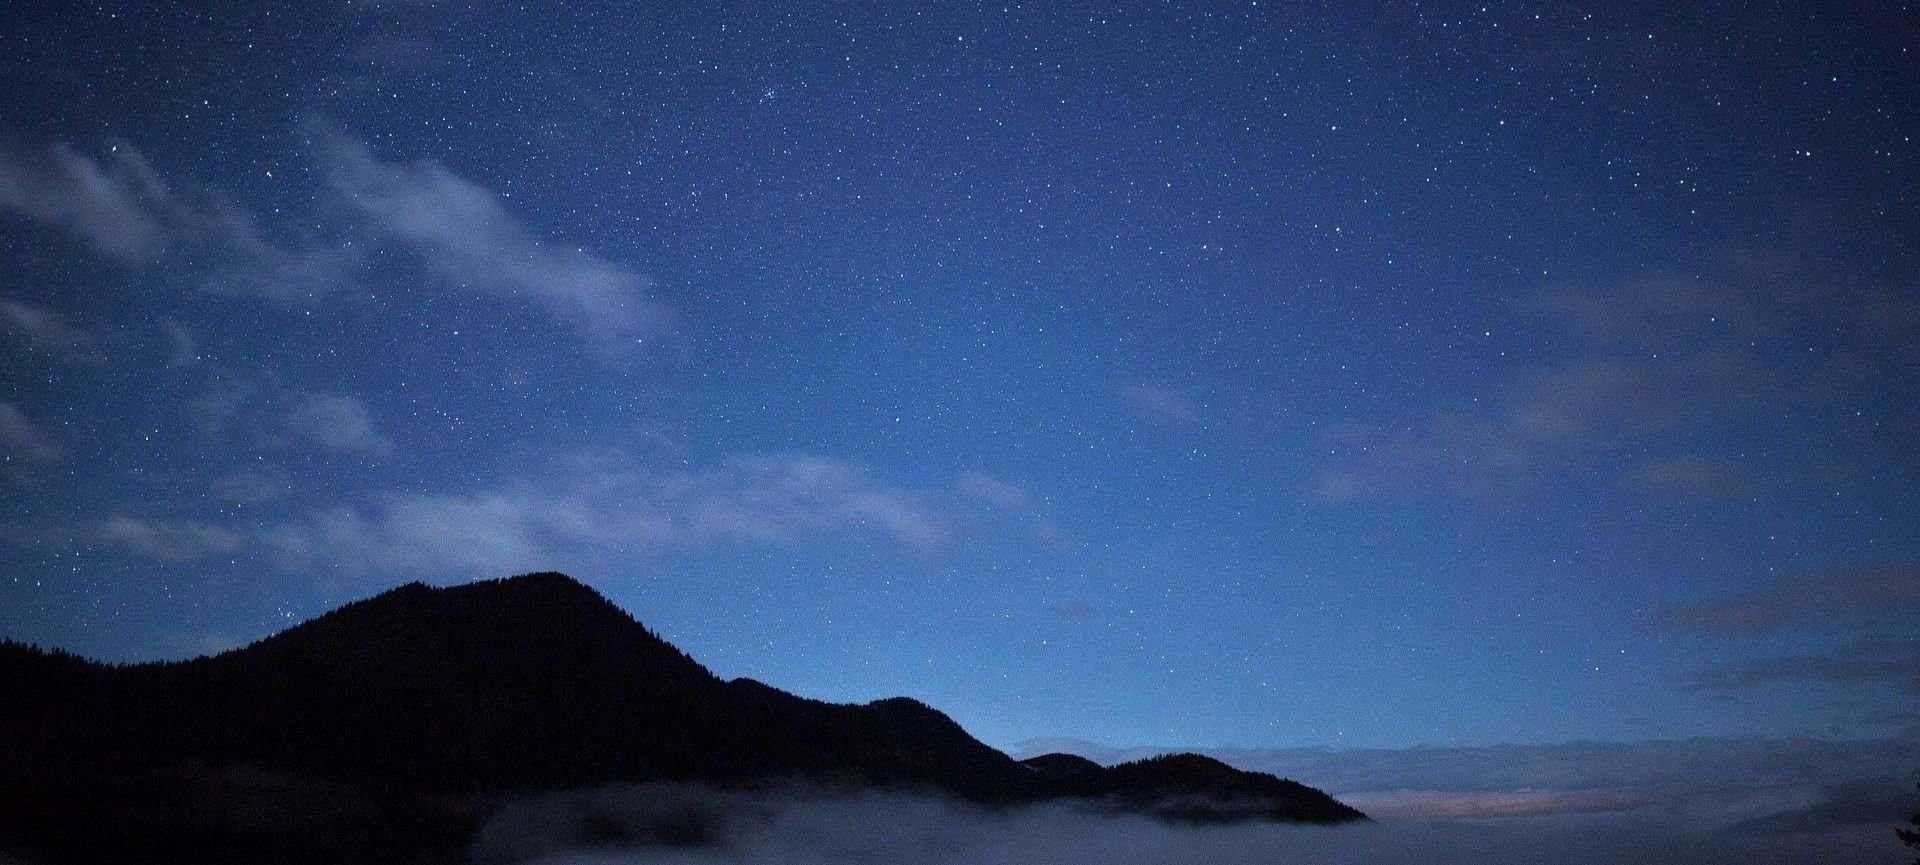 trekking in notturna